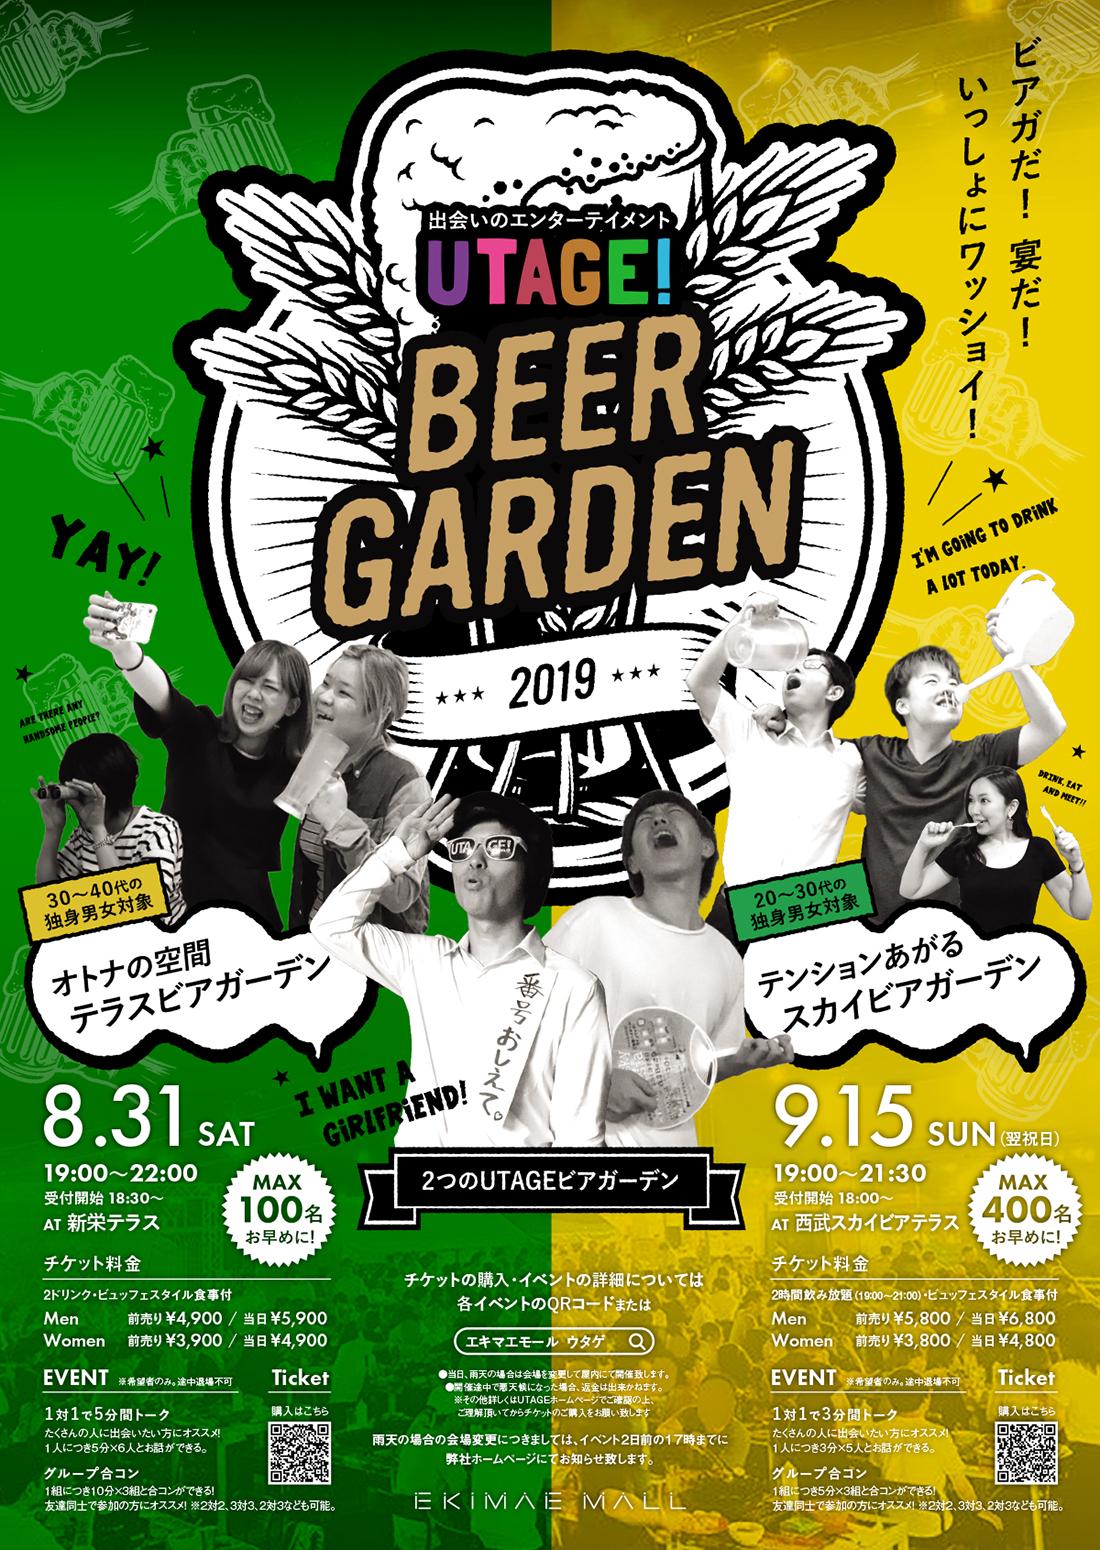 UTAGE!BEER GARDEN2019